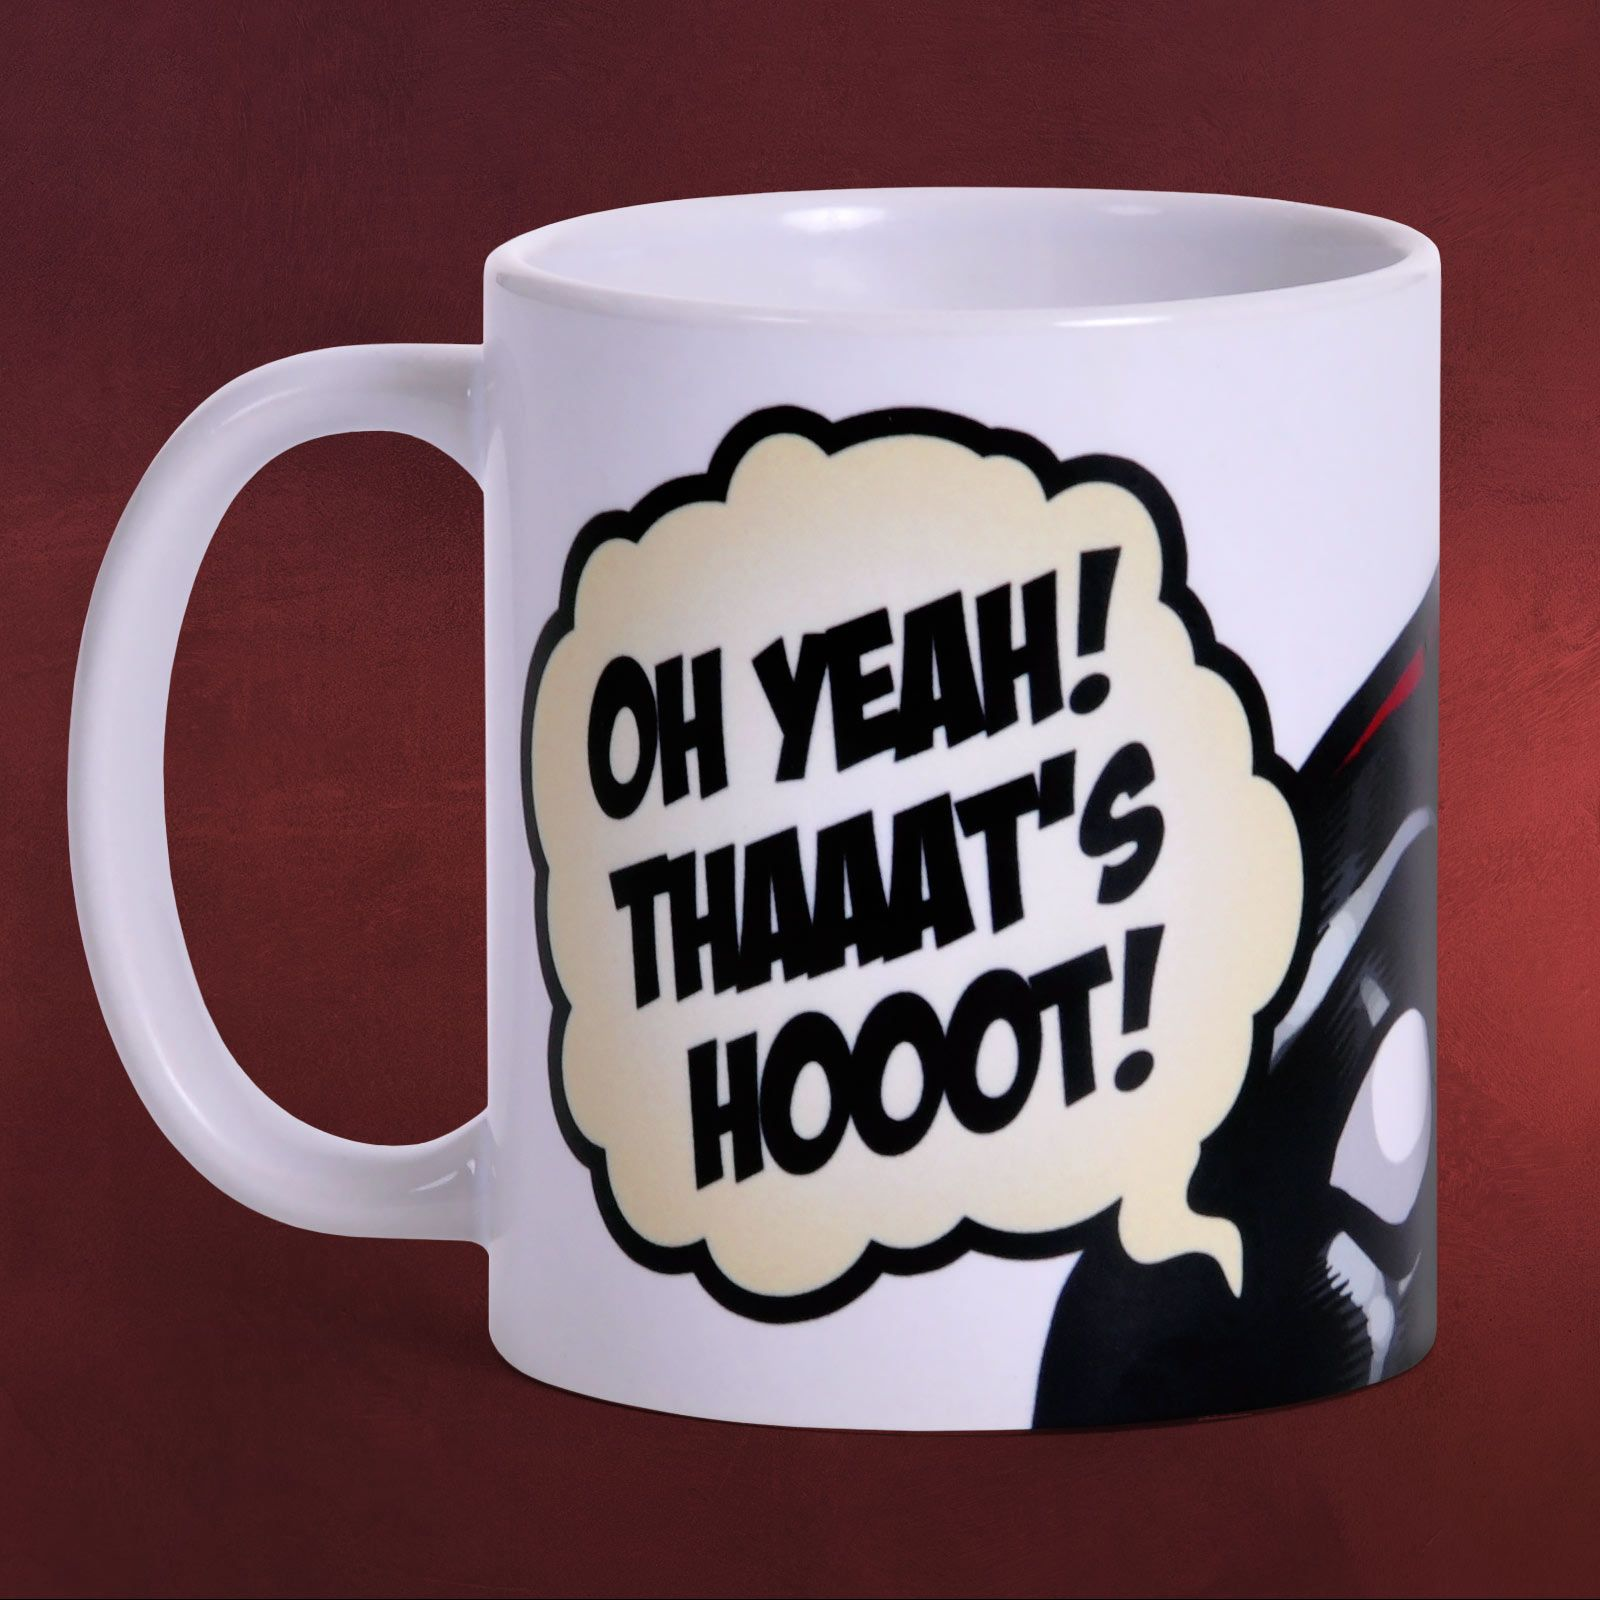 Heißer Typ, heiße Tasse. Hier drin kriegt Dein pechschwarzer Frühstückskaffee noch mehr Power und sicherlich auch einen höheren Koffeingehalt :-) Denn diese Tasse zeigt einen der abgefahrensten Comic-Helden, die Marvel zu bieten hat. Mit...